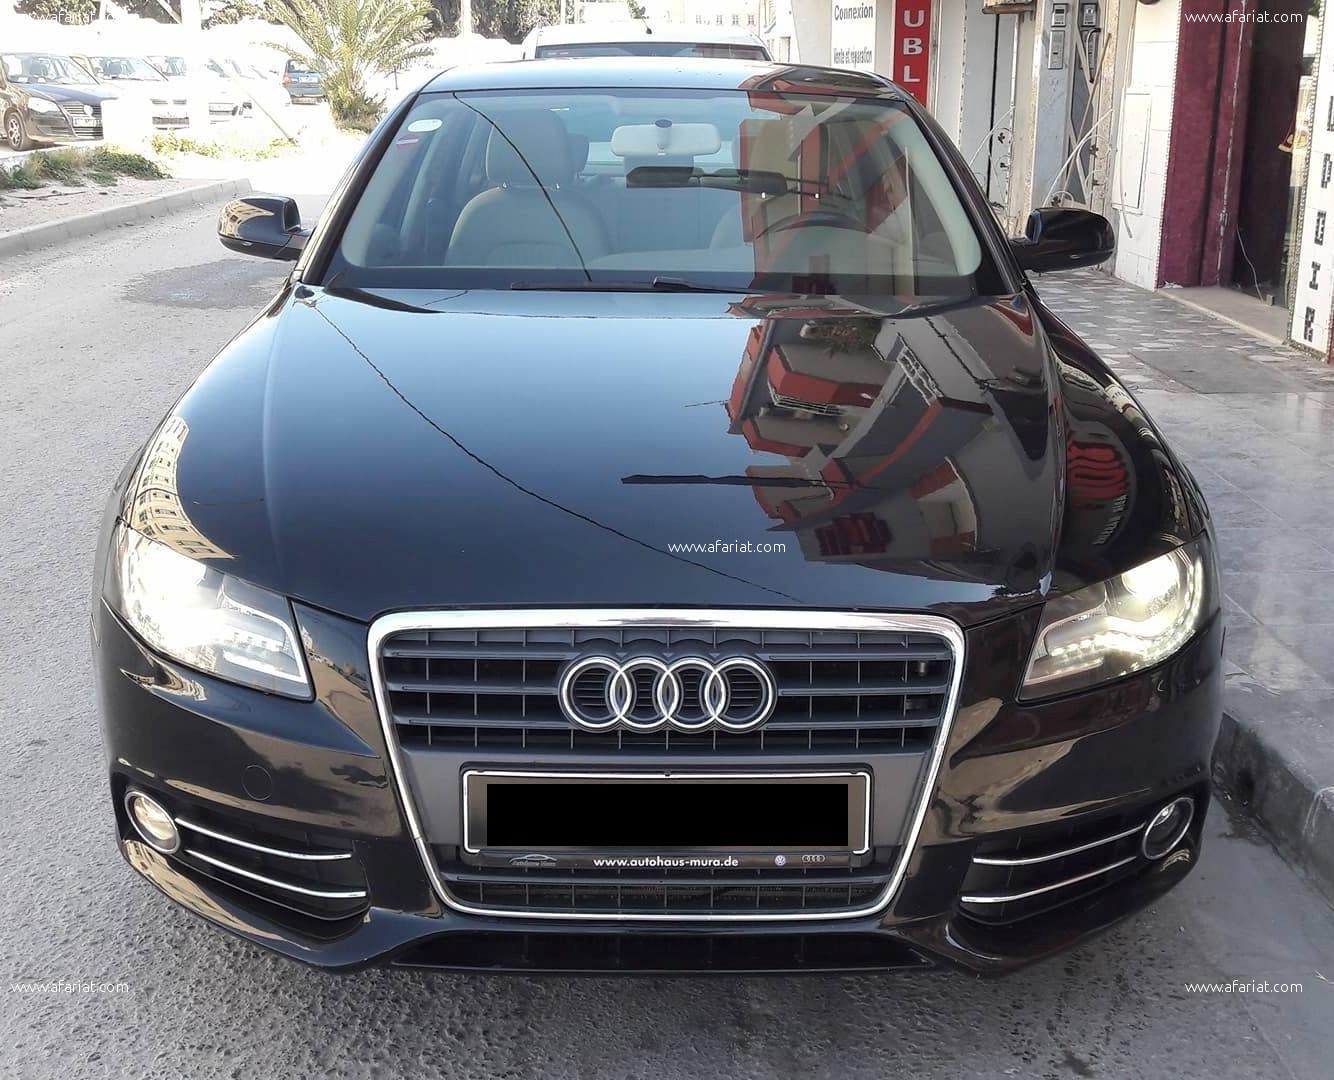 Audi a4 Essence